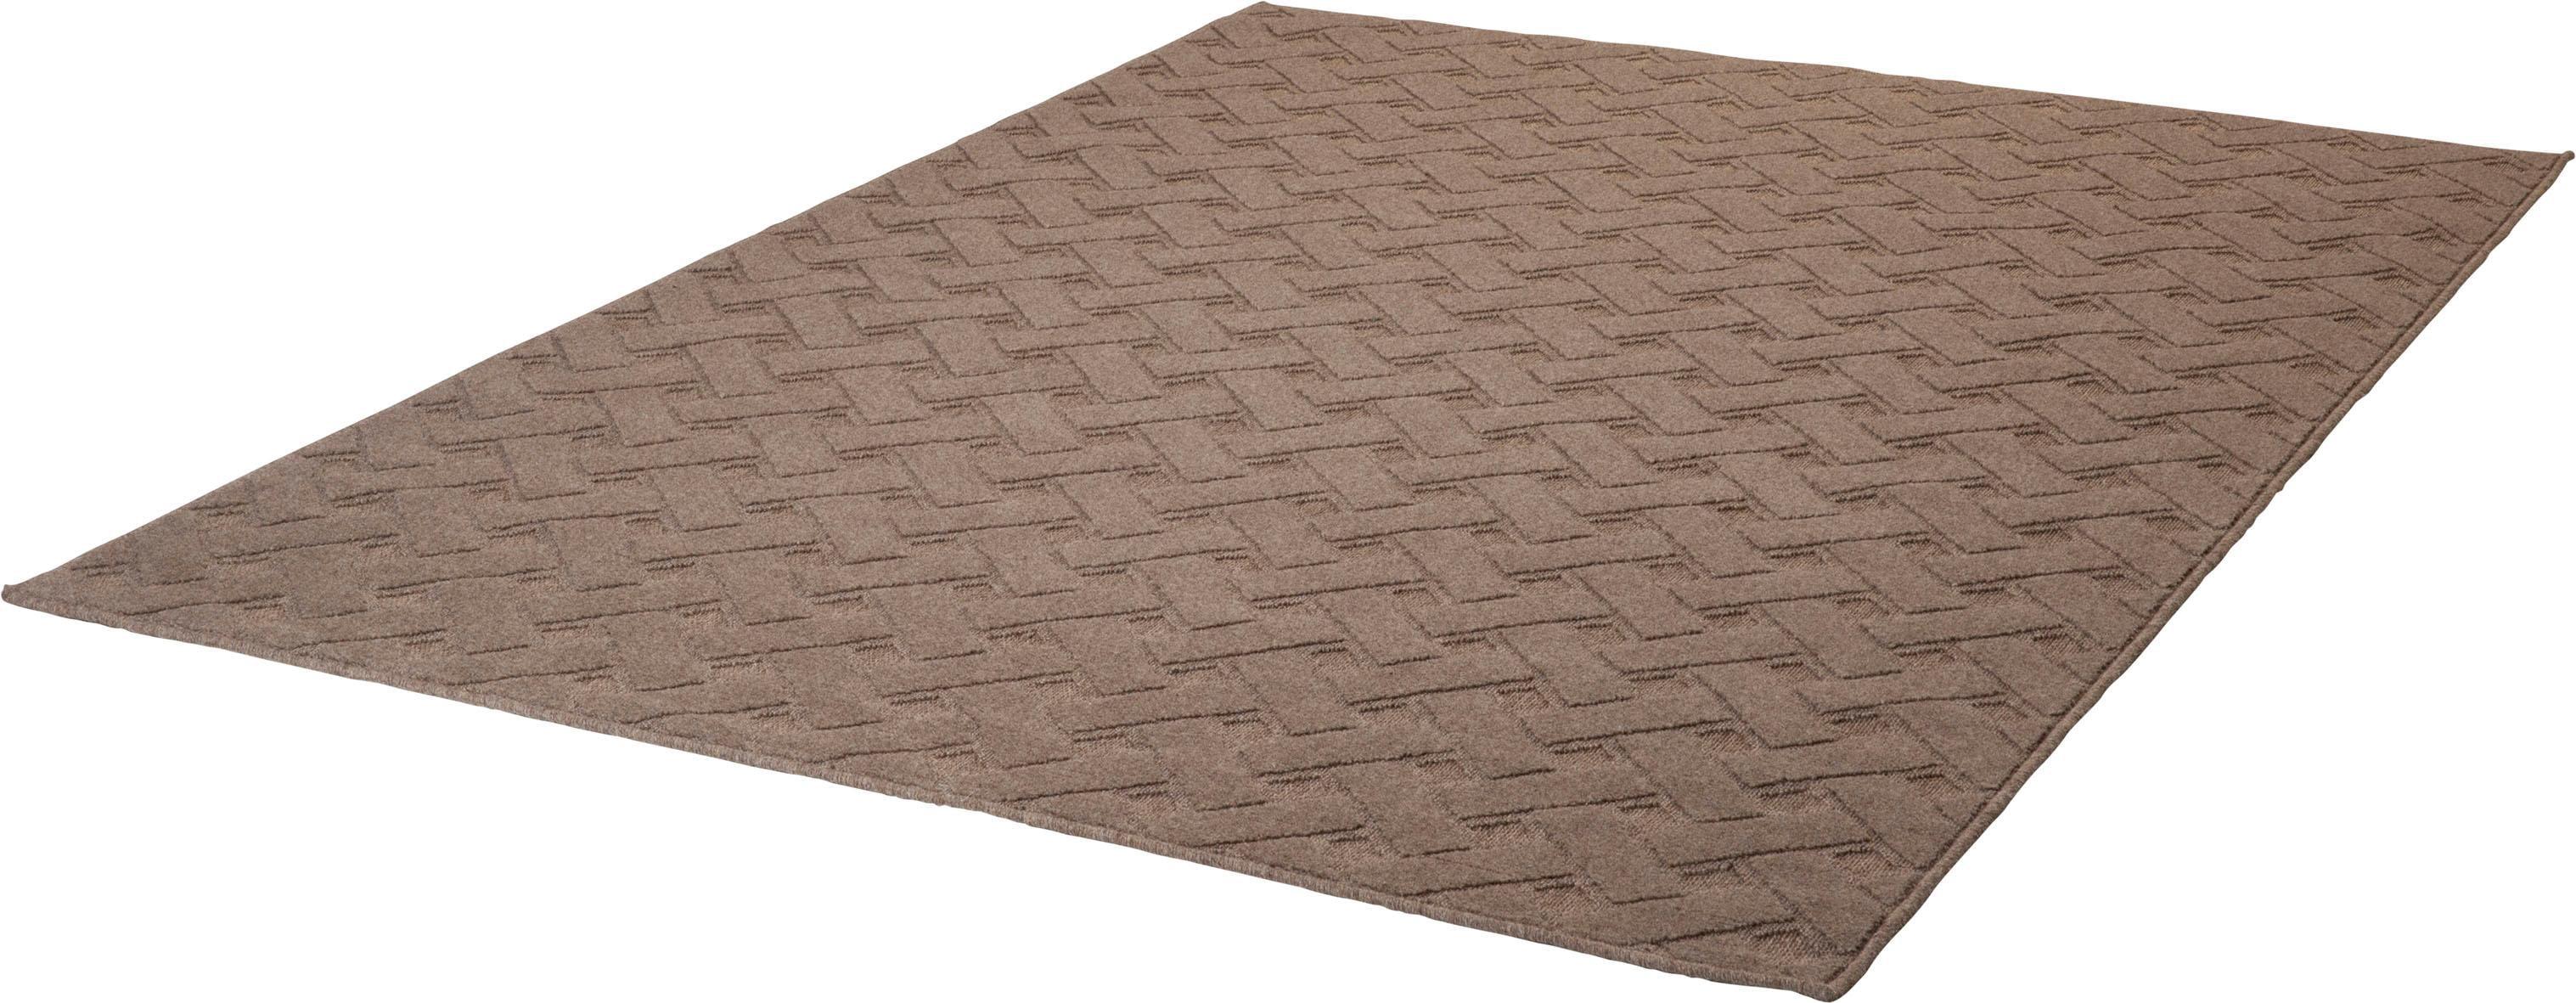 Teppich My Espen 464 Obsession rechteckig Höhe 11 mm maschinell gewebt